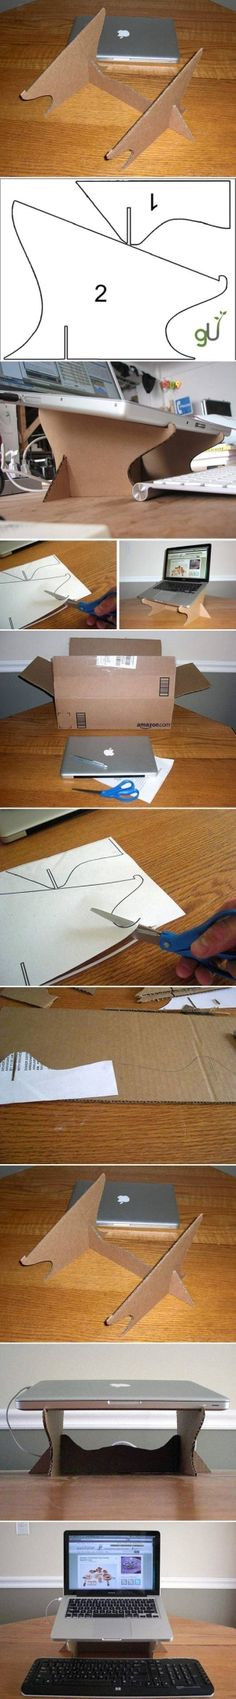 DIY Eenvoudige Kartonnen laptopstandaard DIY Simple Karton Laptop Stand door diyforever